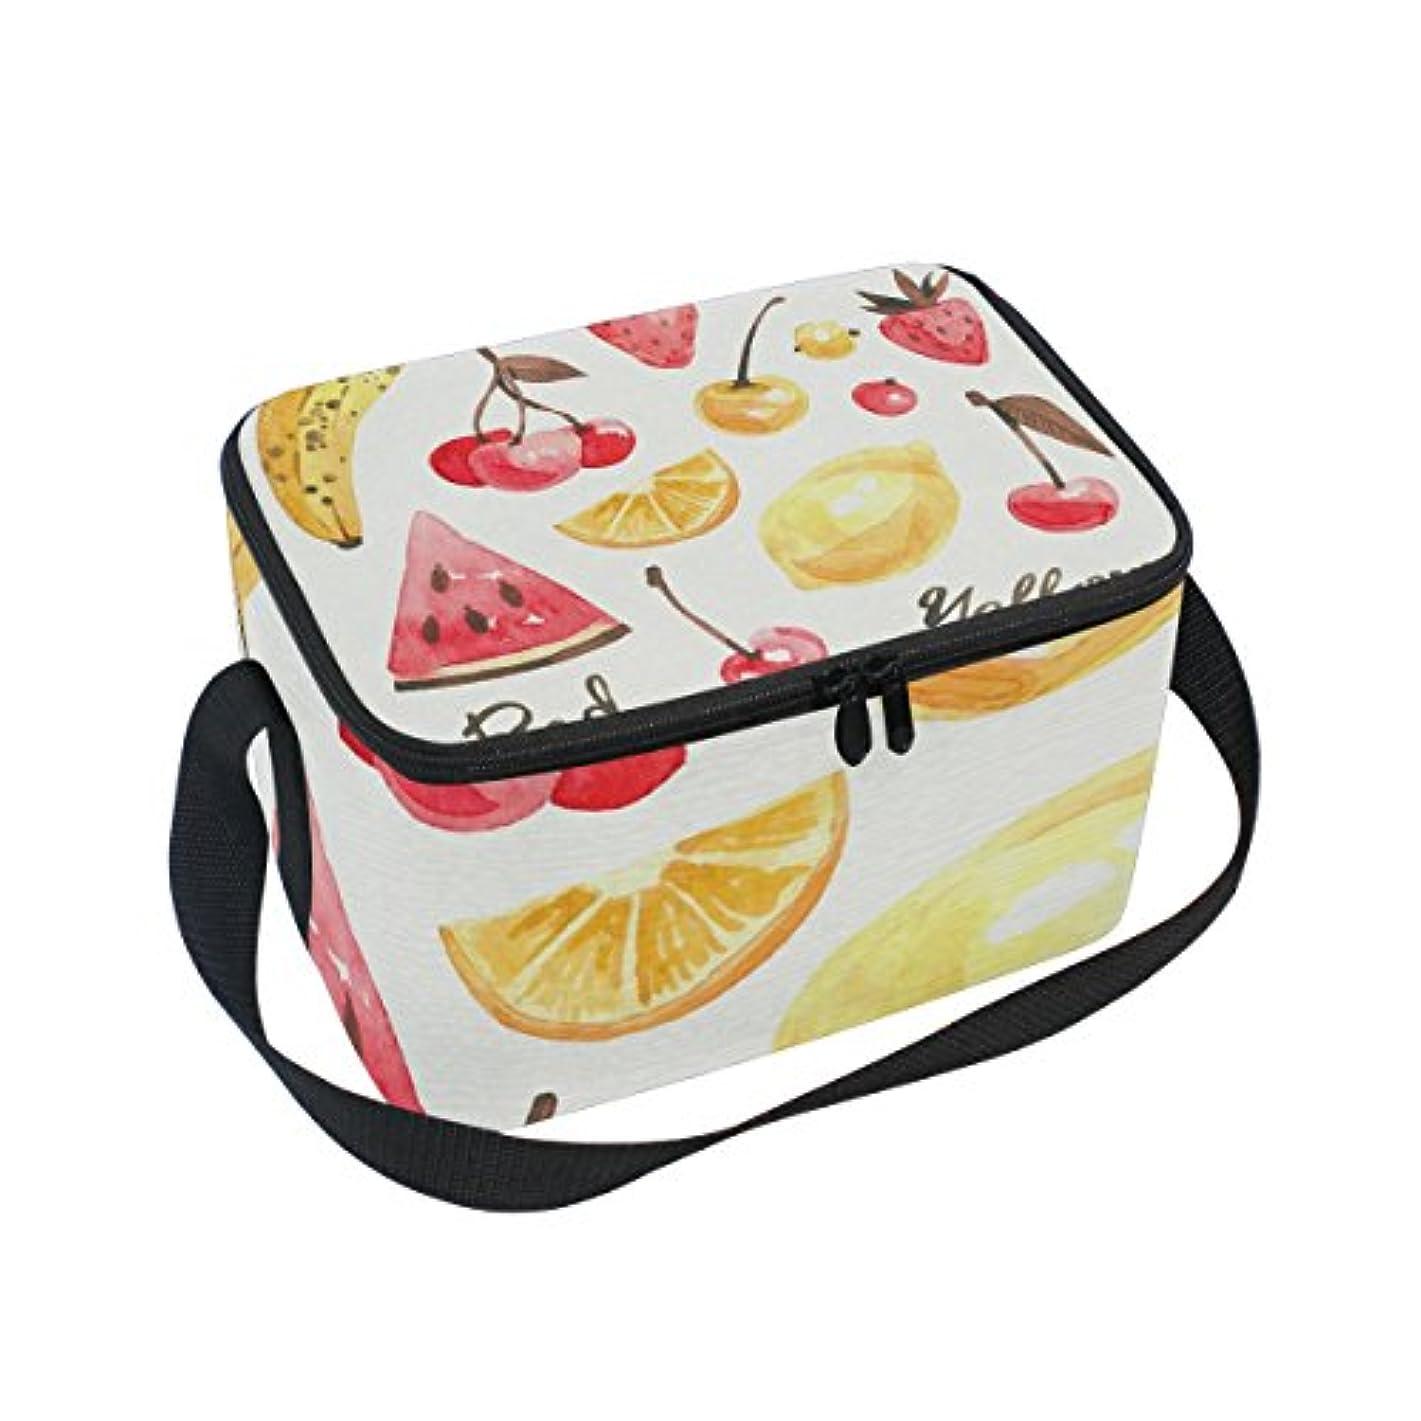 レモンアウトドア酸化するクーラーバッグ クーラーボックス ソフトクーラ 冷蔵ボックス キャンプ用品 フルーツ柄 赤と黄 保冷保温 大容量 肩掛け お花見 アウトドア